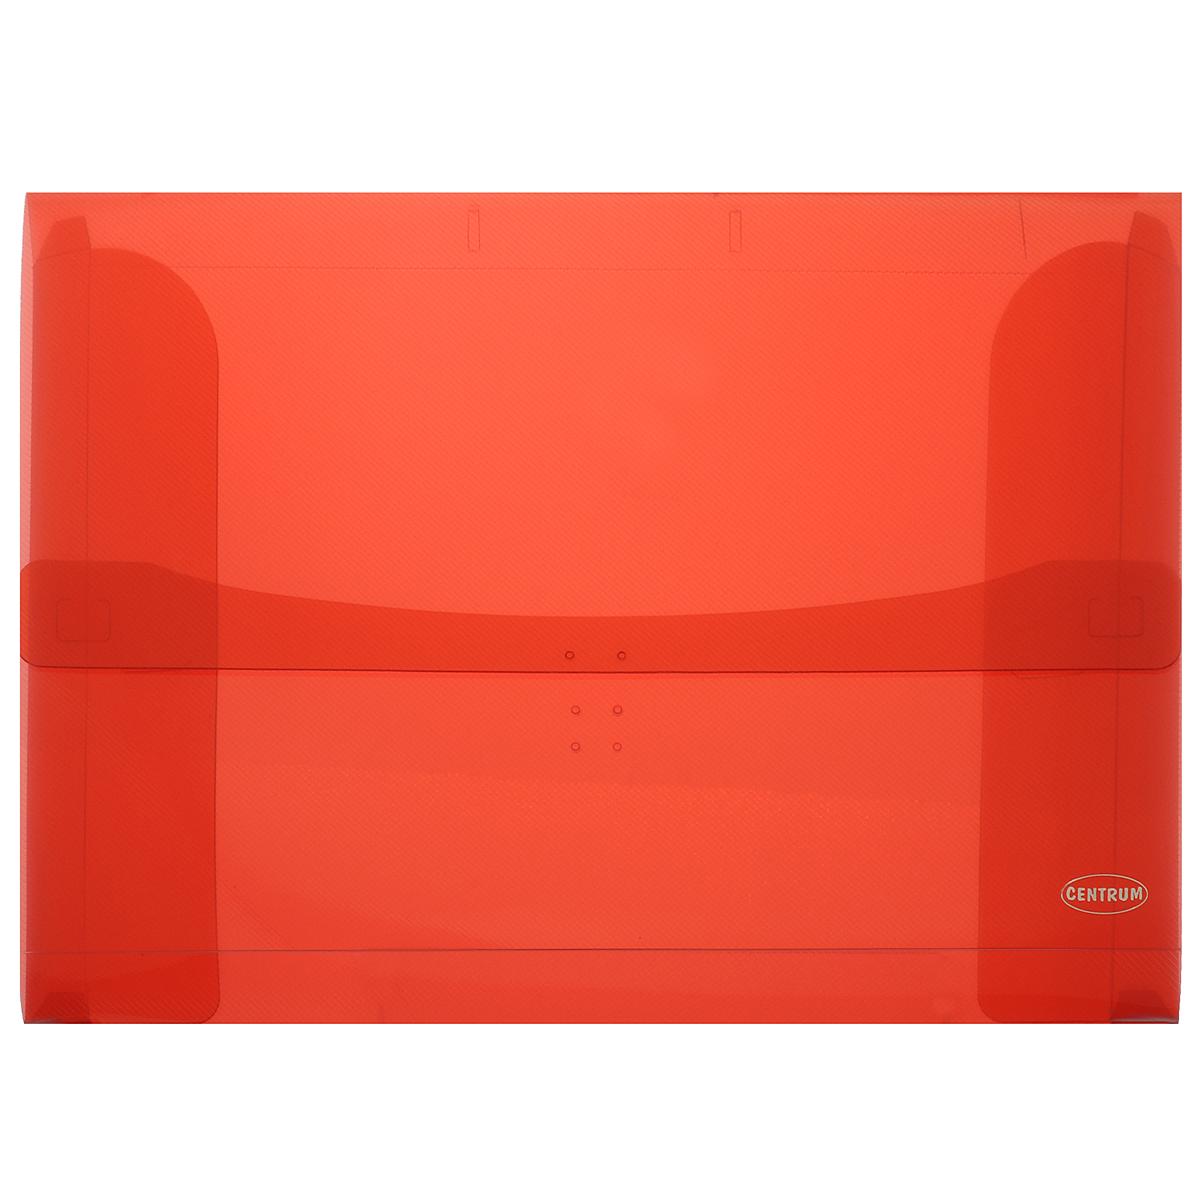 Папка-конверт Centrum, цвет: красный. Формат А3AC-1121RDПортфель Centrum - это удобный и функциональный офисный инструмент, предназначенный для хранения и транспортировки рабочих бумаг и документов формата А3.Портфель изготовлен из износостойкого непрозрачного пластика, имеет перфорацию на клапане и обложке, что позволяет закреплять клапан лентой или шнурком. Внутри изделие имеет три клапана, что обеспечивает надежную фиксацию бумаг и документов. Портфель имеет опрятный и неброский вид, оформлена тиснением в виде параллельной штриховки.Портфель - это незаменимый атрибут для студента, школьника, офисного работника. Он превосходно подойдет для транспортировки эскизов и станет верным помощником для художников. Такой портфель надежно сохранит ваши документы и сбережет их от повреждений, пыли и влаги.